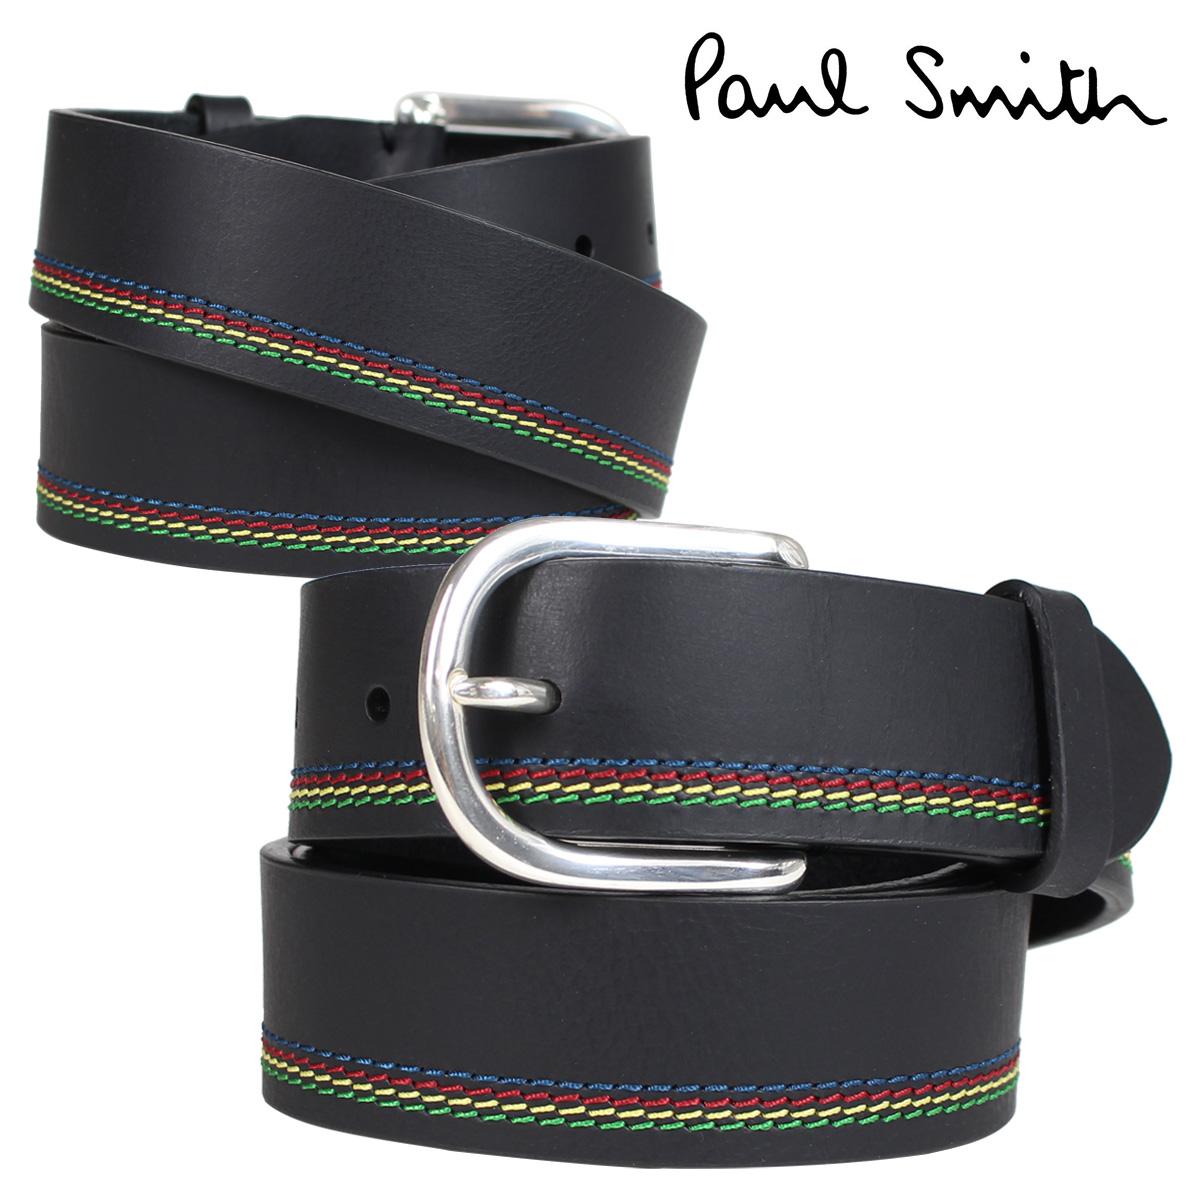 Paul Smith ベルト メンズ 本革 ポールスミス レザーベルト ブラック 黒 M2A 5538 APSSTI